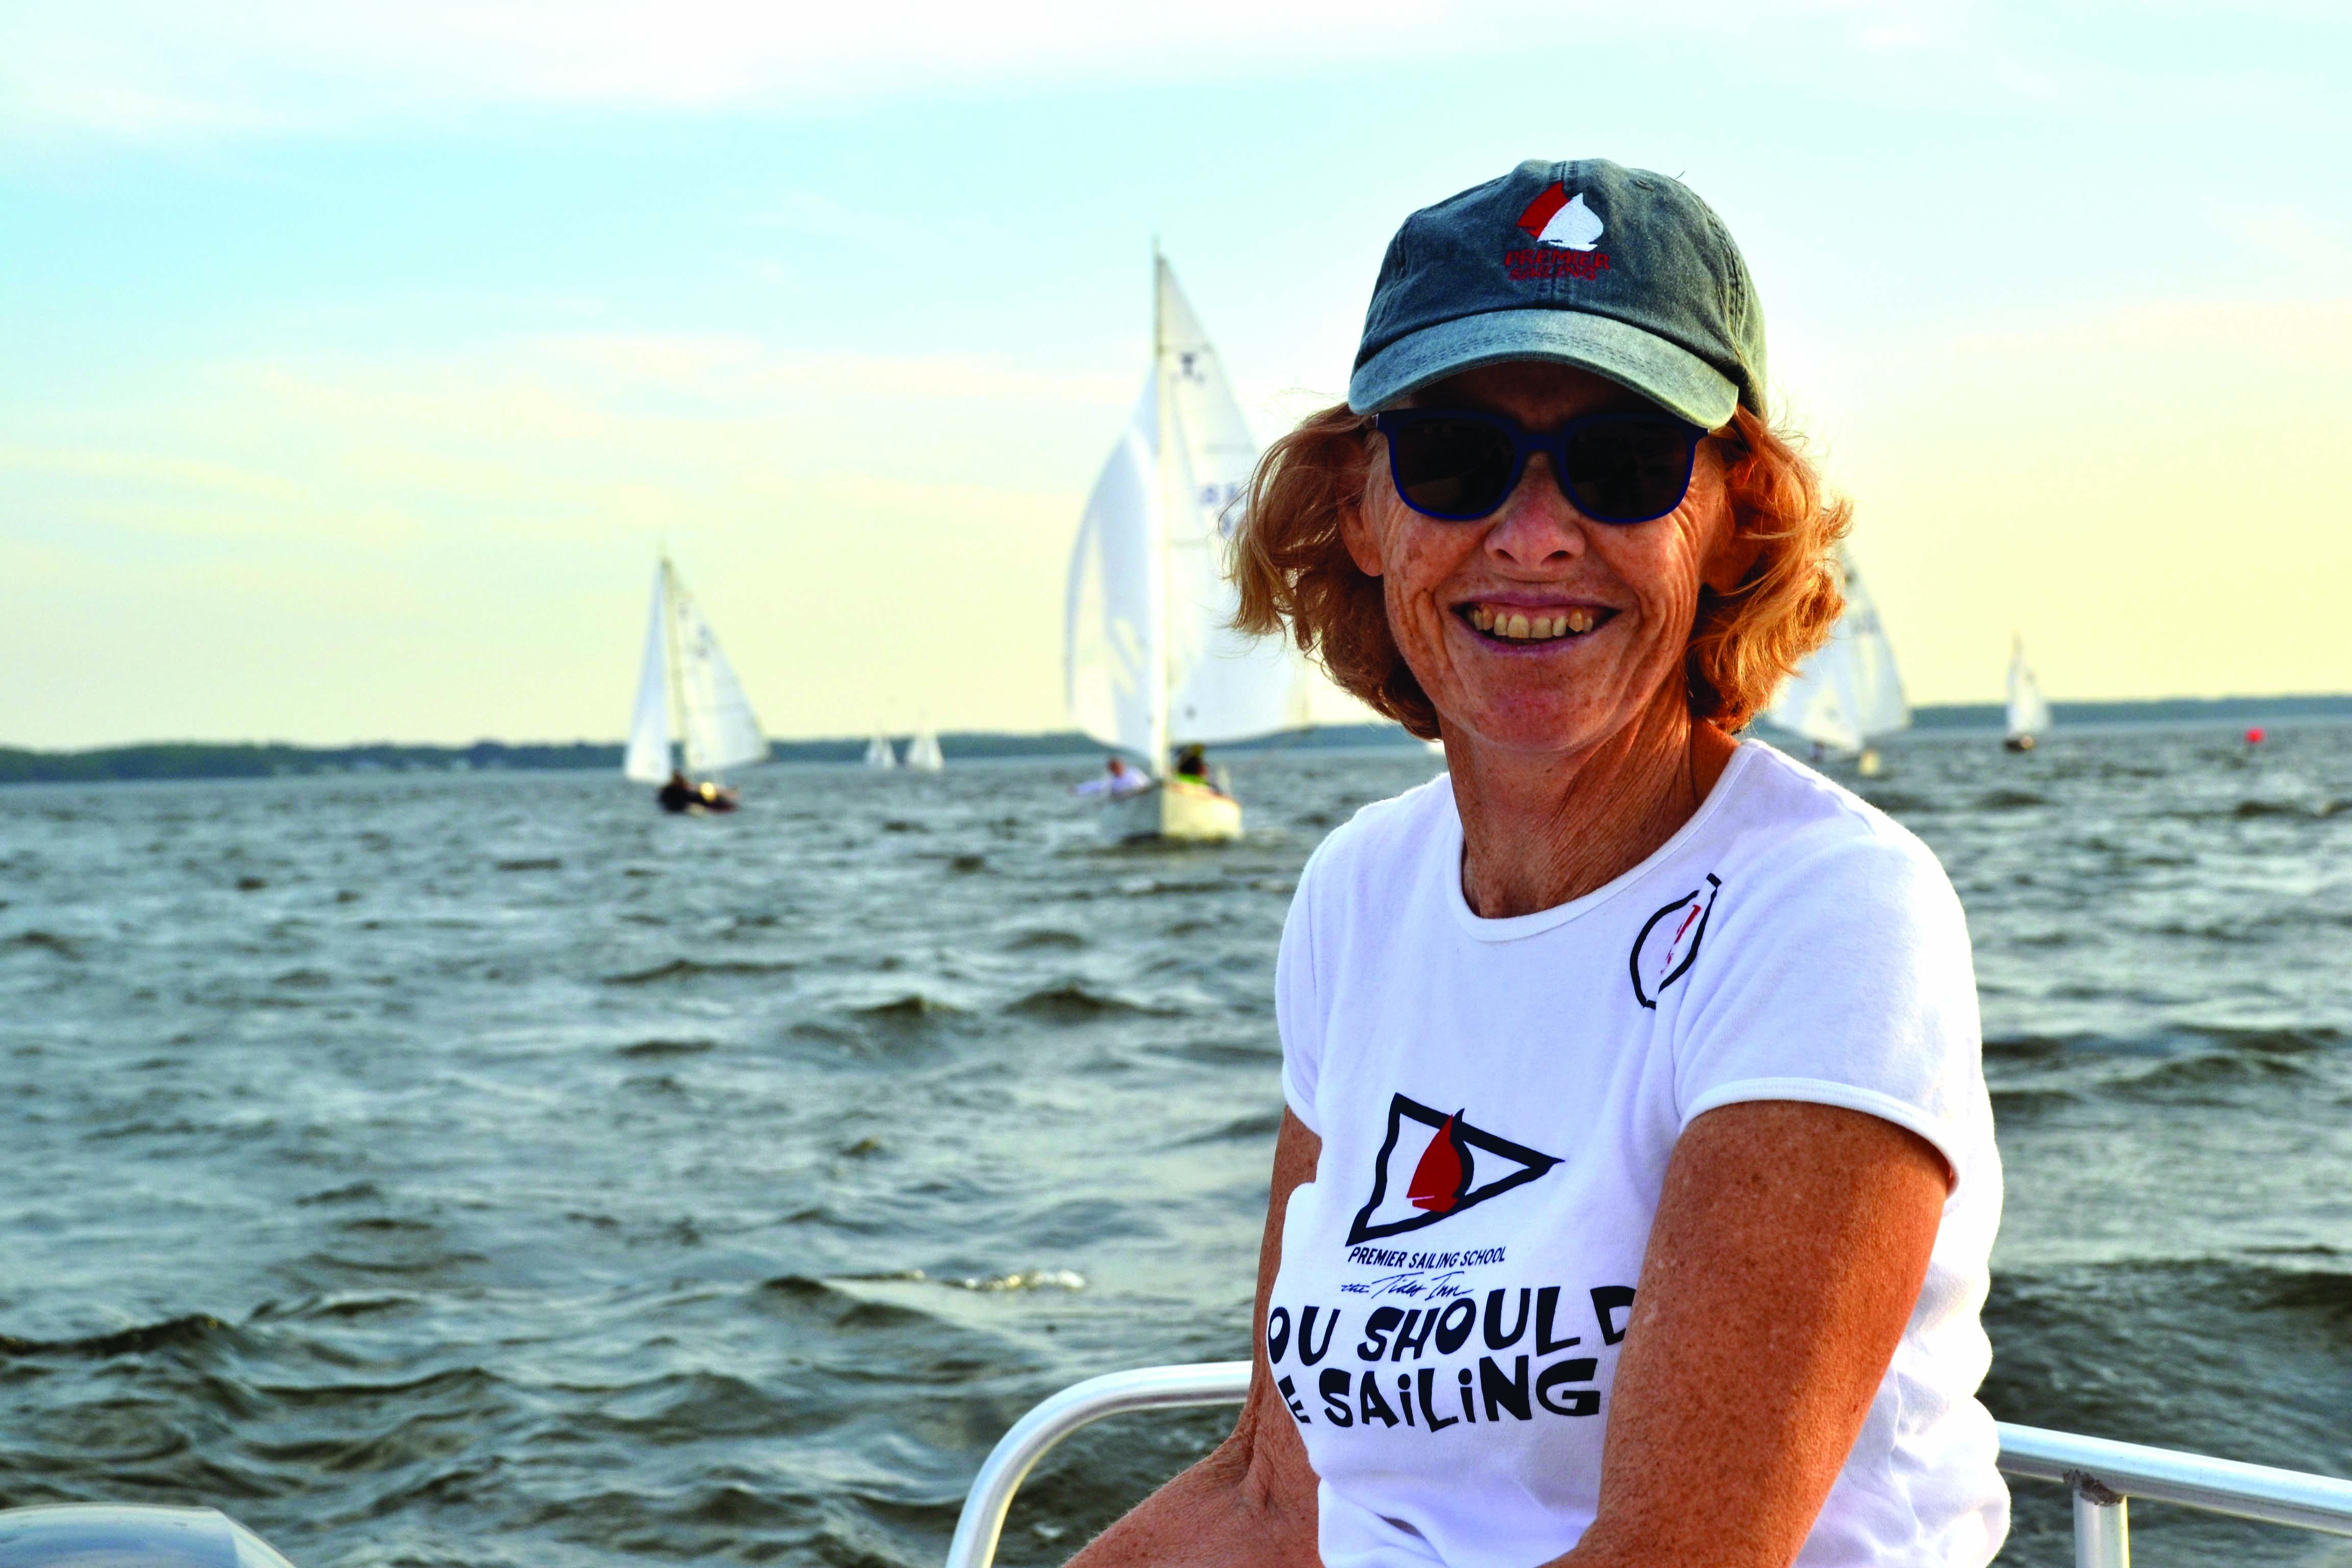 monitoring a sailing race